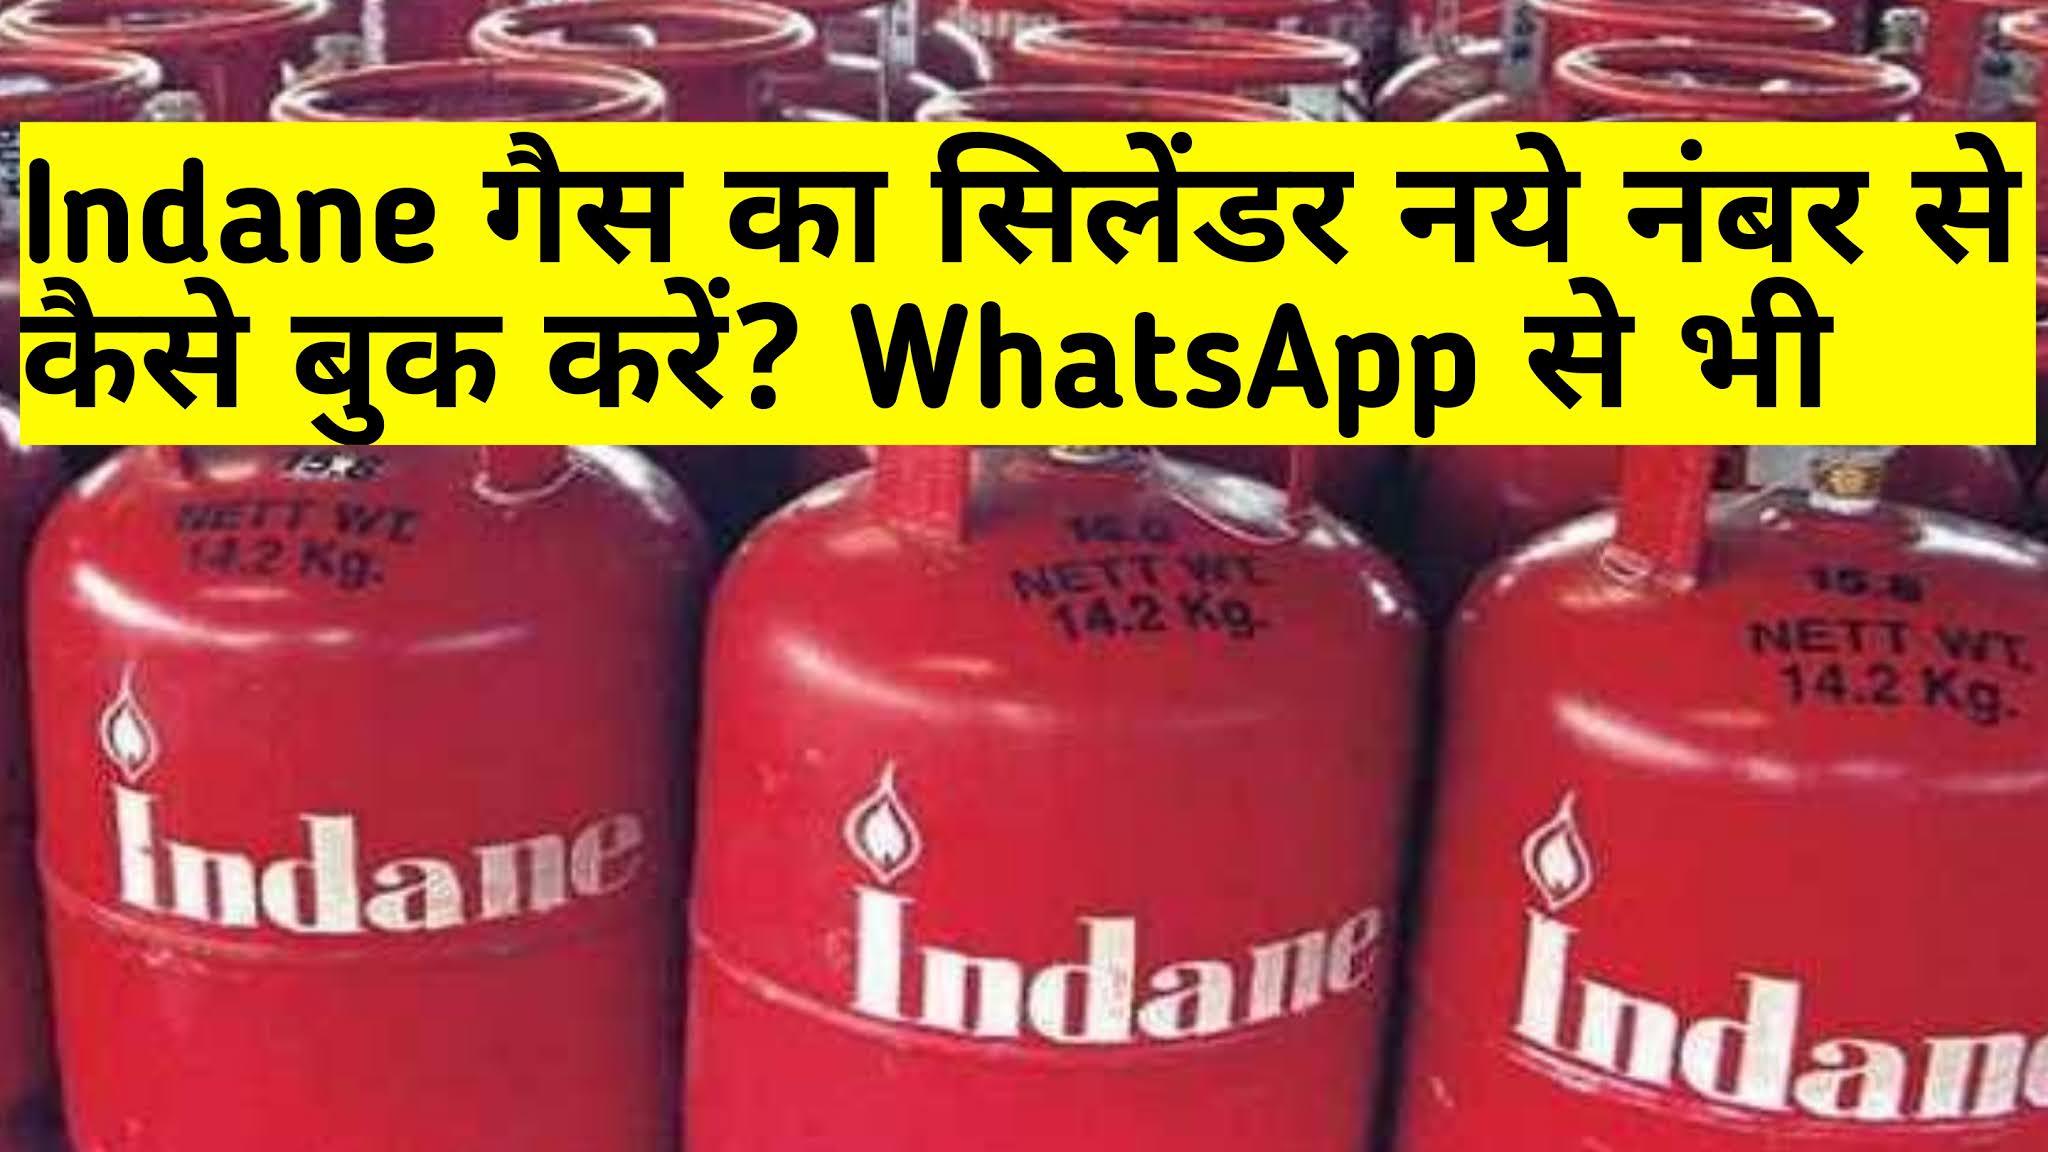 अपनी इंडने गैस को WhatsApp व नए नंबर से कैसे बुक करें?Unregistered व रेजिस्टर्ड नंबर दोनों से